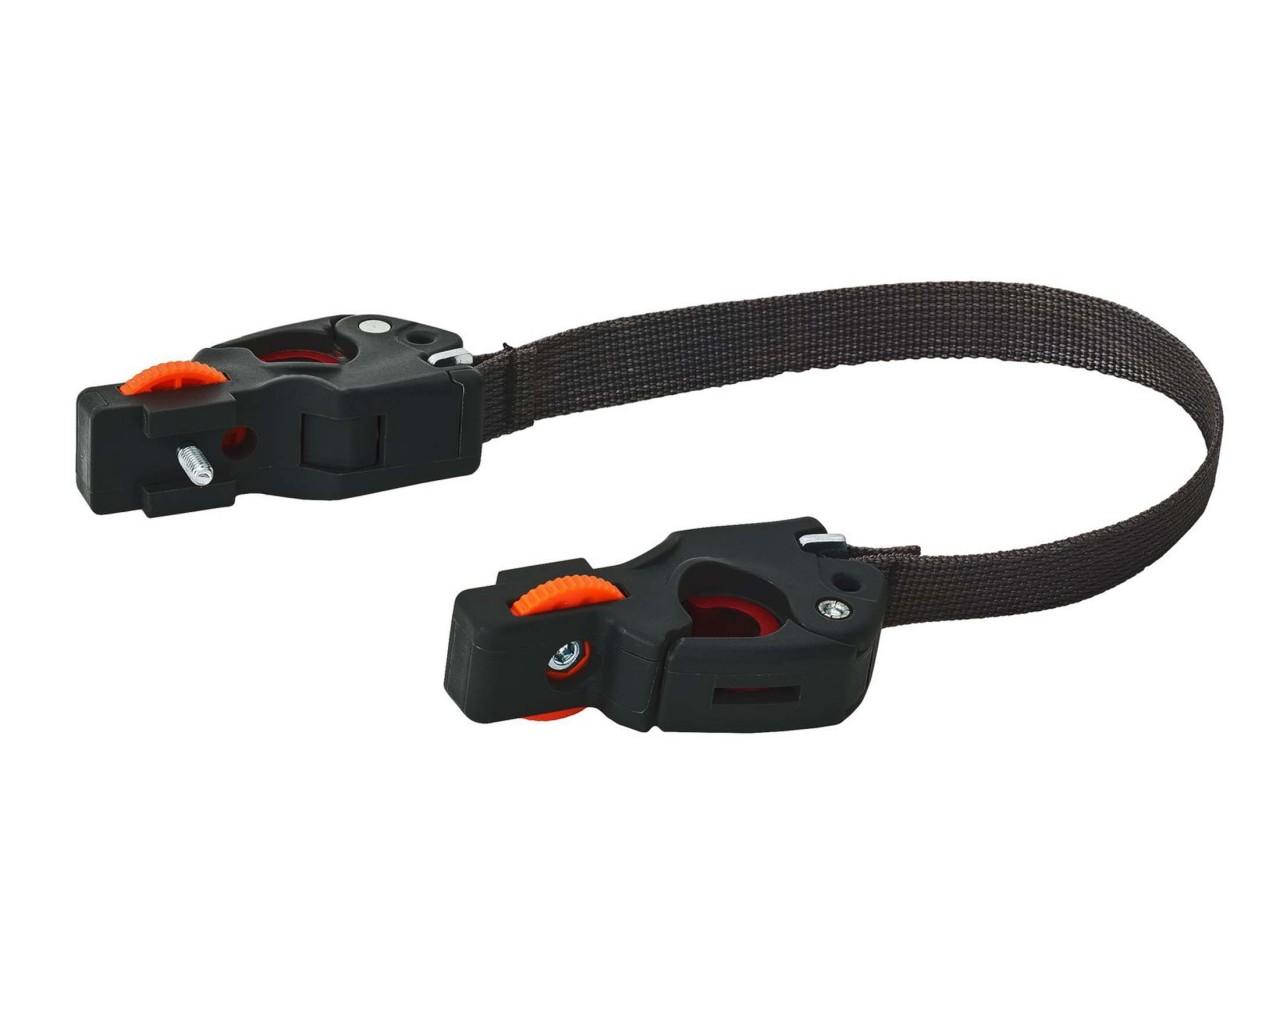 Vaude QMR Ersatzhaken 2.0 mit Griffschlaufe (1 Stück) | black